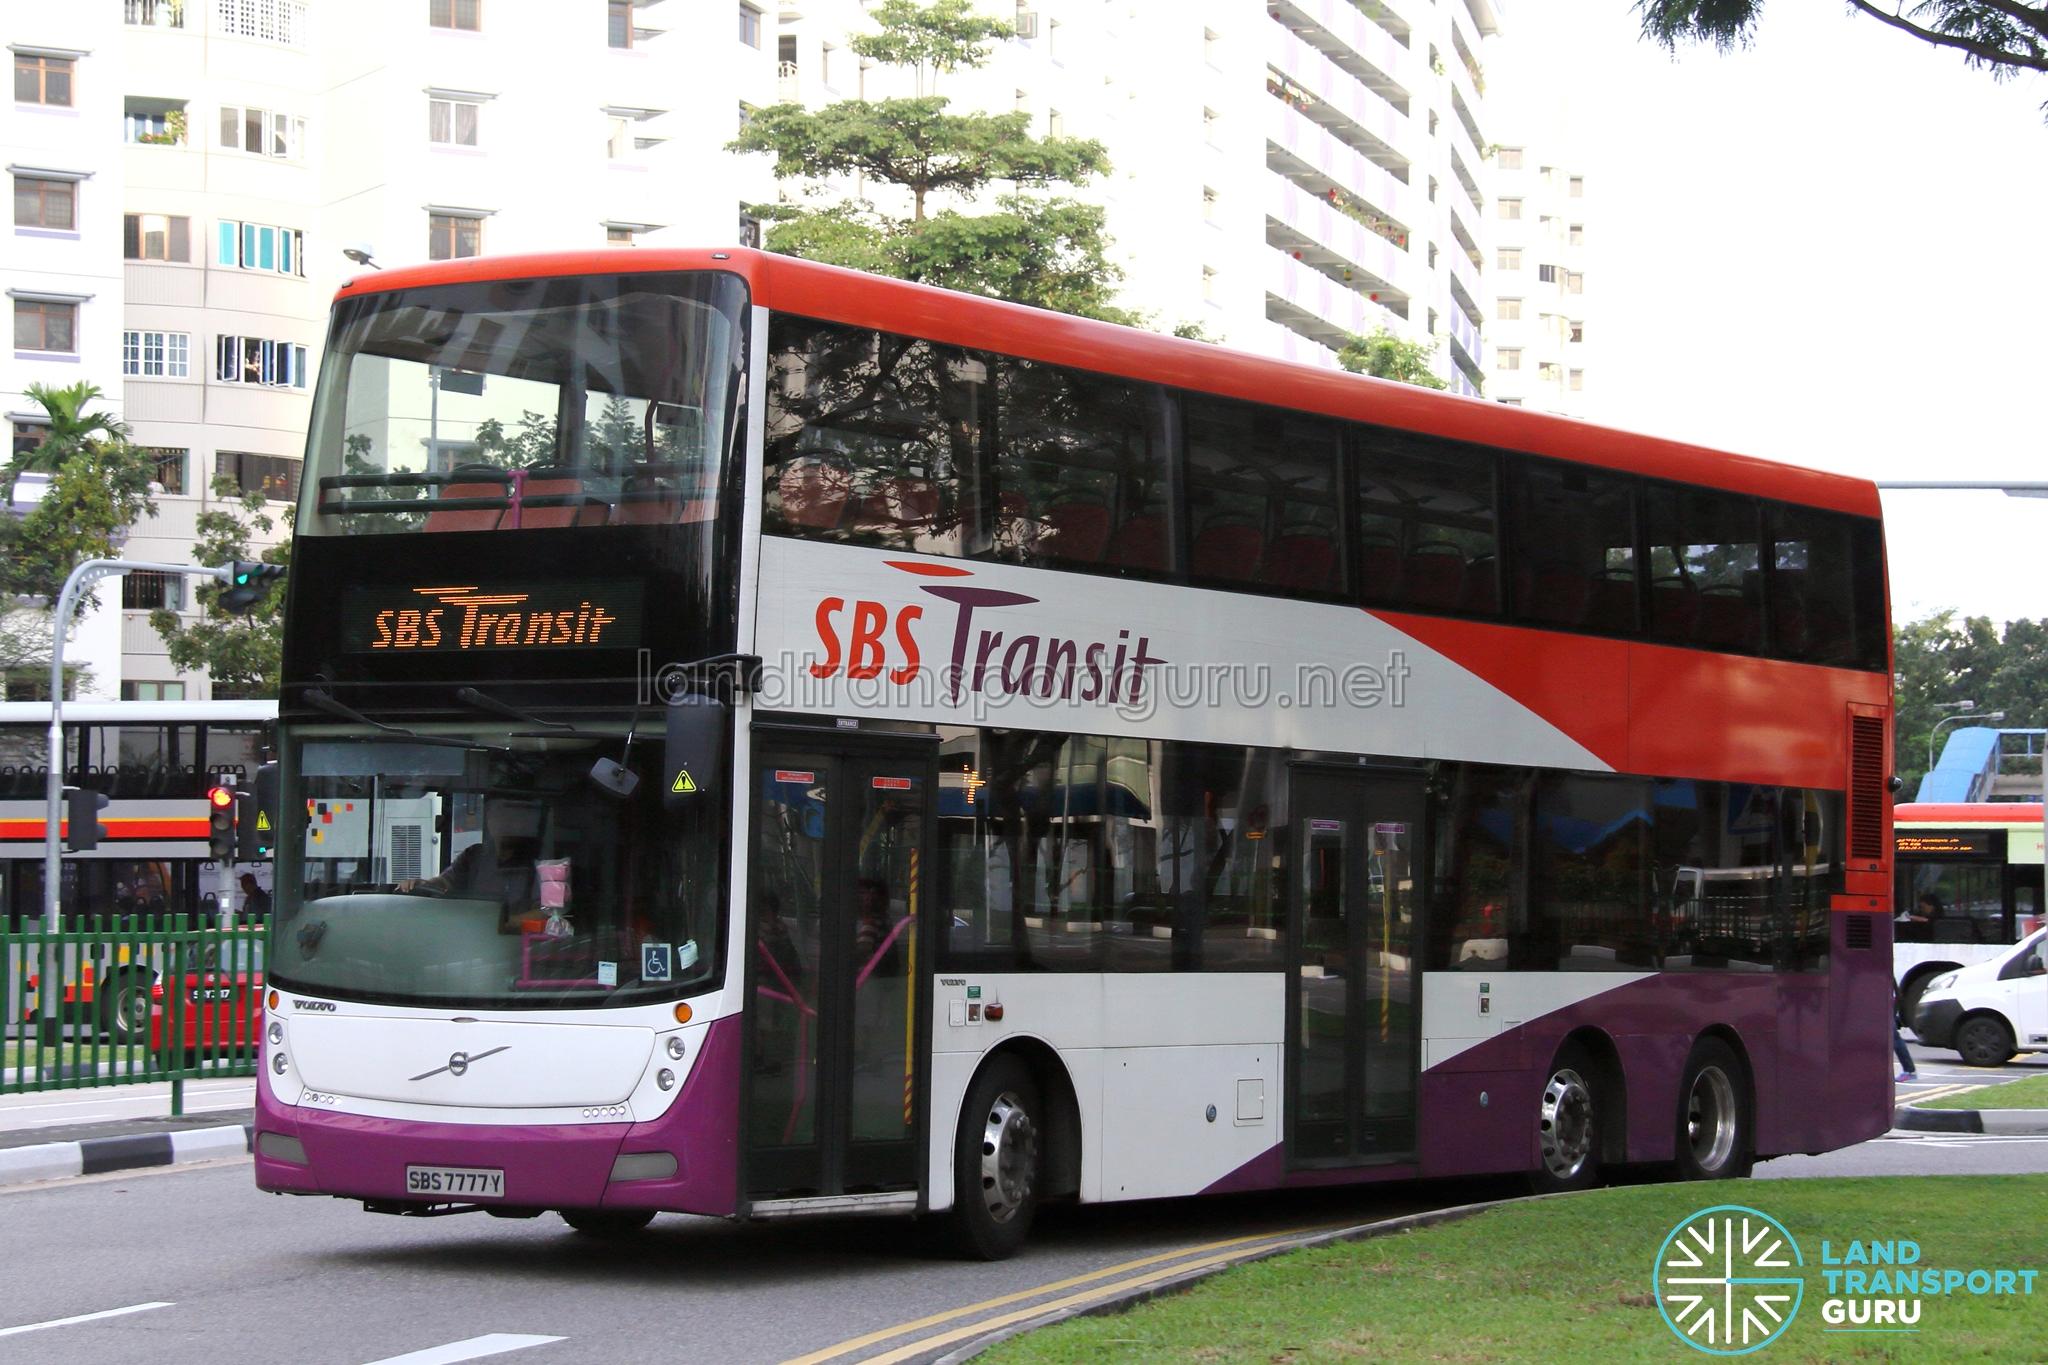 Sbs Transit Volvo B9tl Gemilang Sbs7777y Training Bus